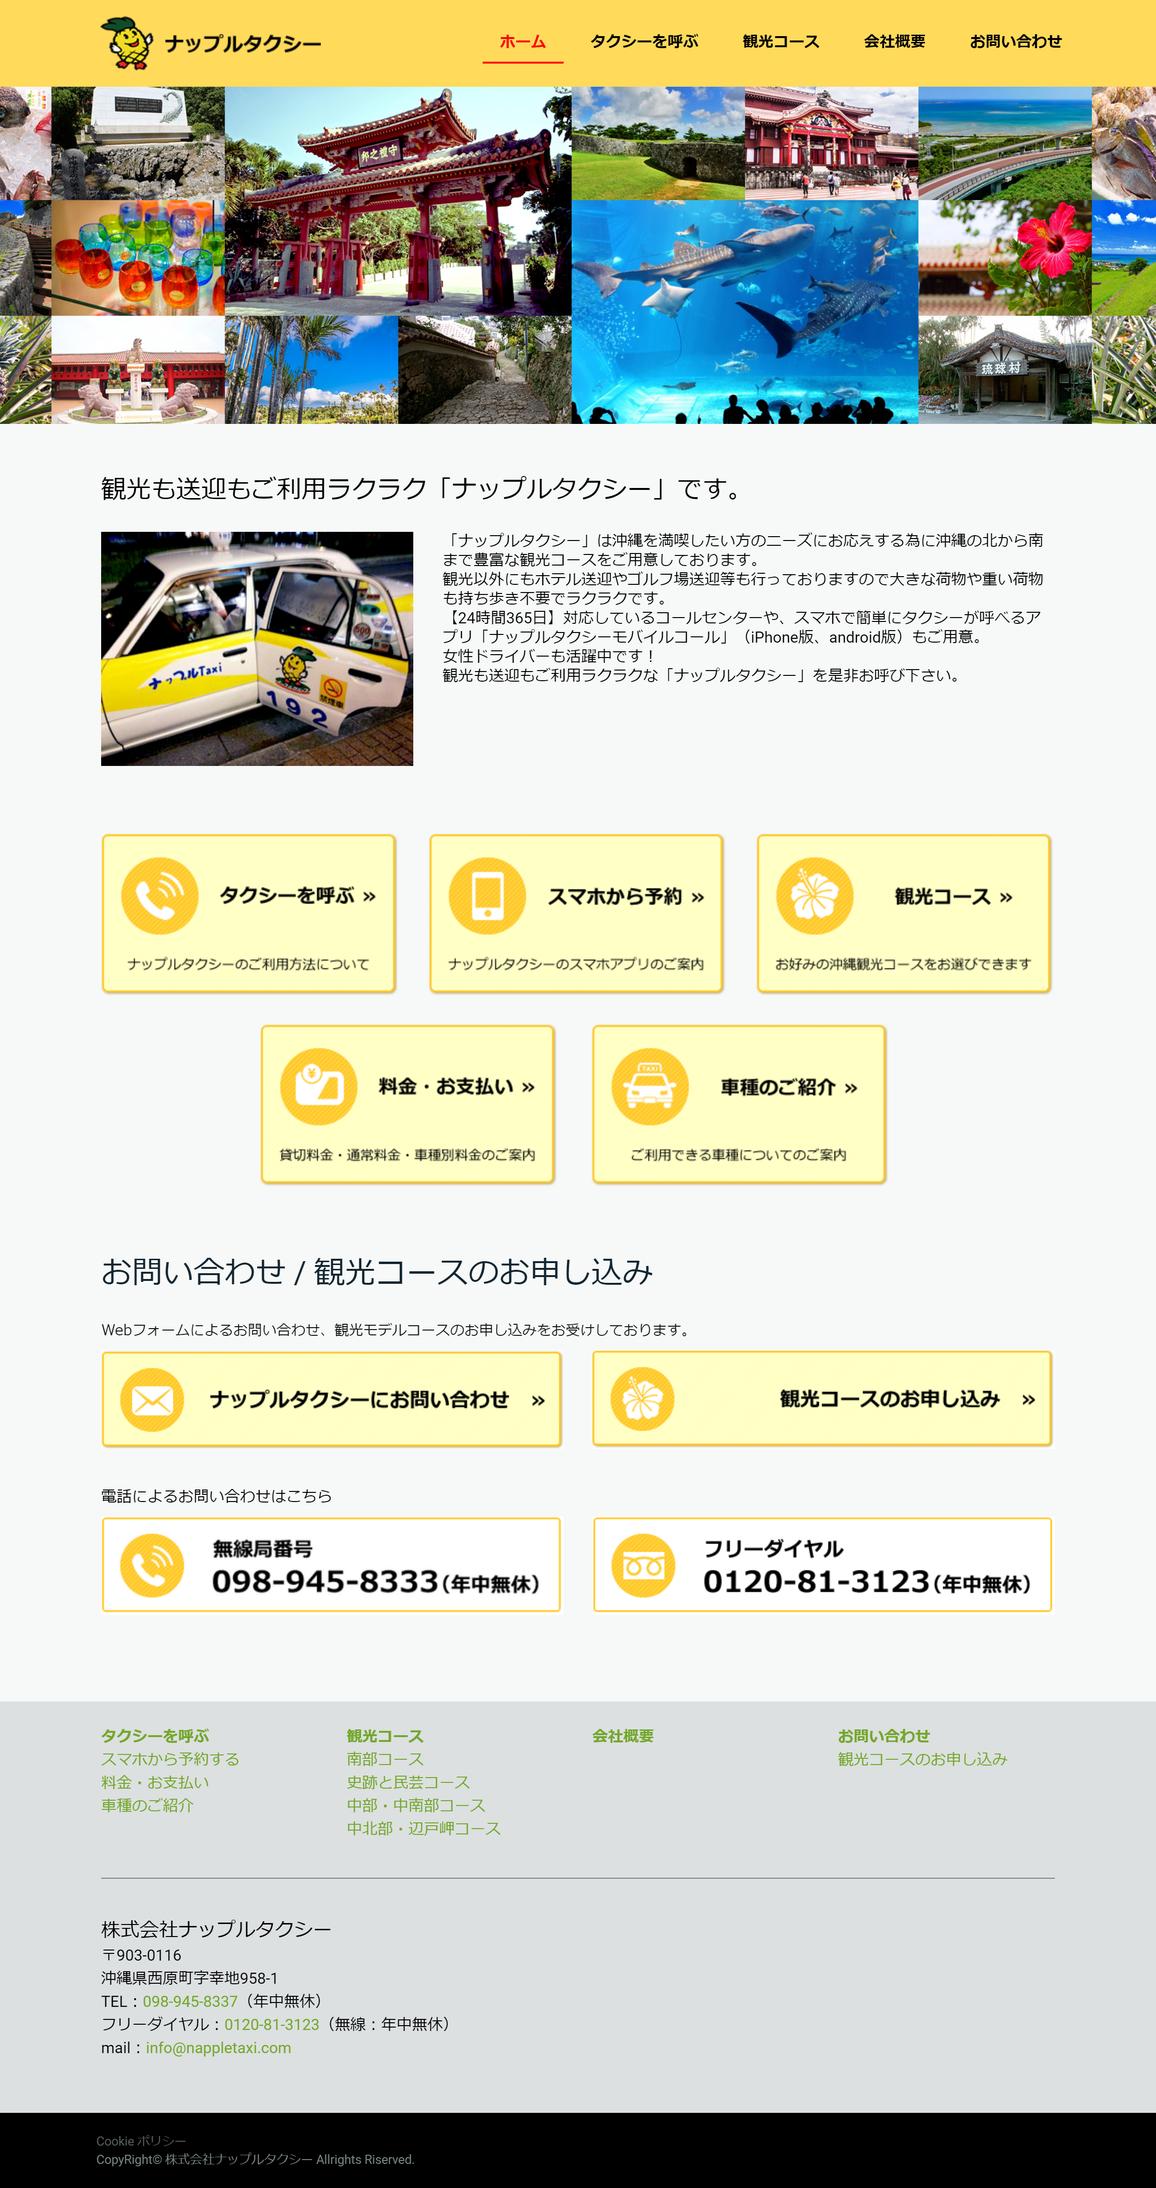 株式会社ナップルタクシーサイトtop_full